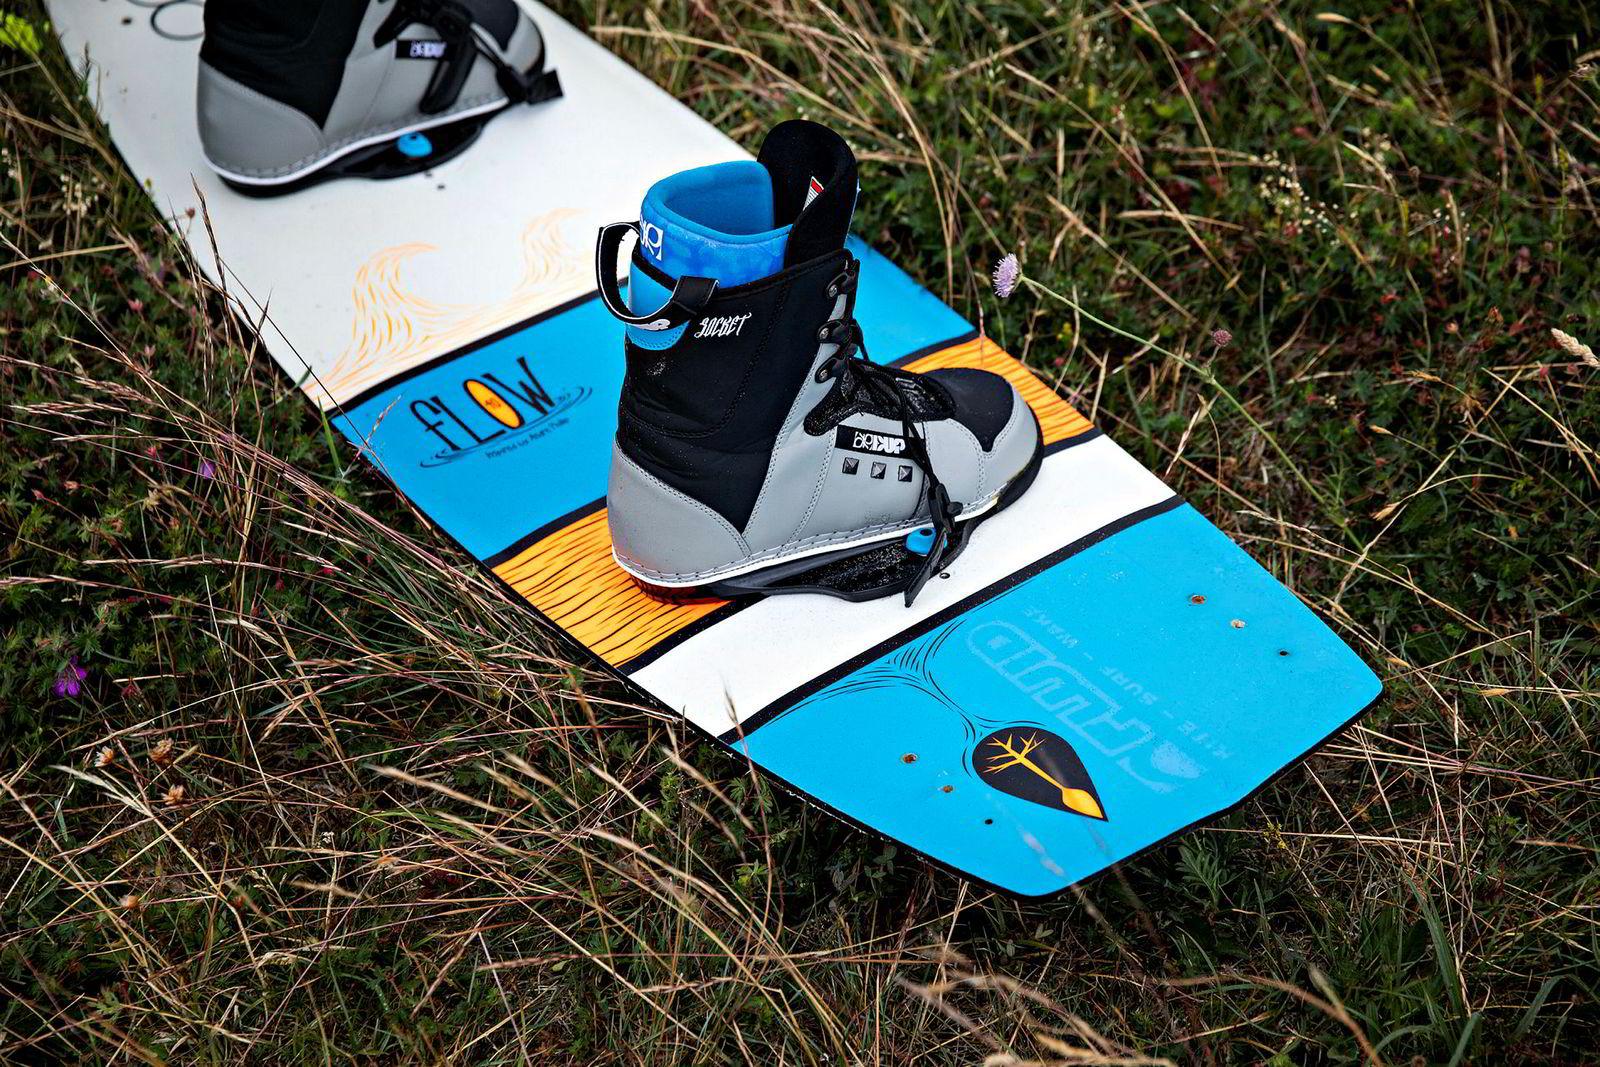 Det finnes ulike bindingsløsninger, men flere går for varianten der skoene er skrudd fast i brettet.